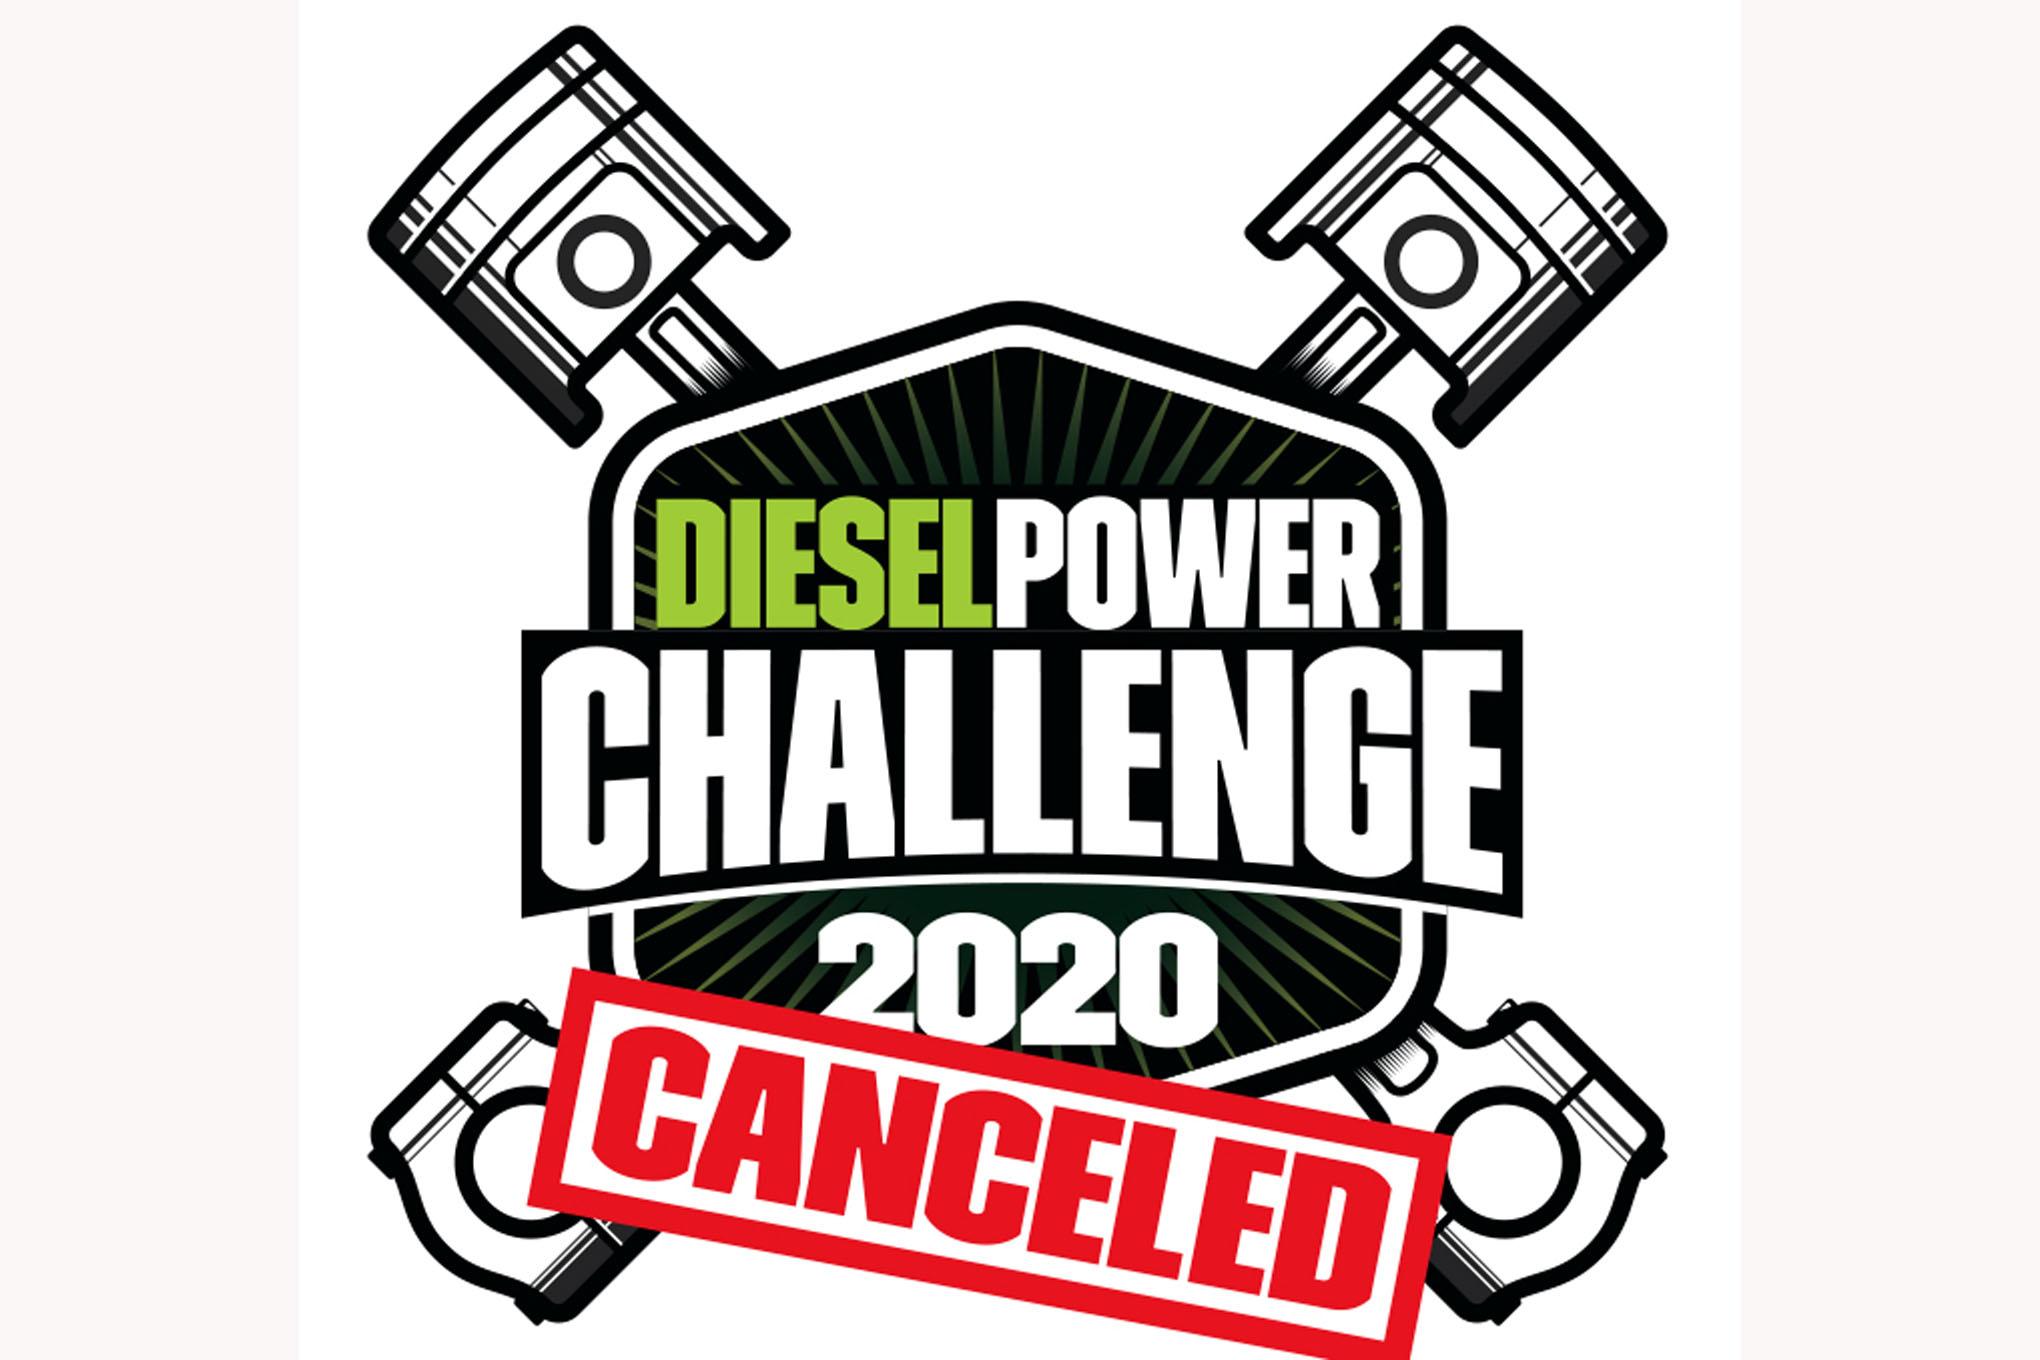 Diesel Power Challenge 2020: CANCELED